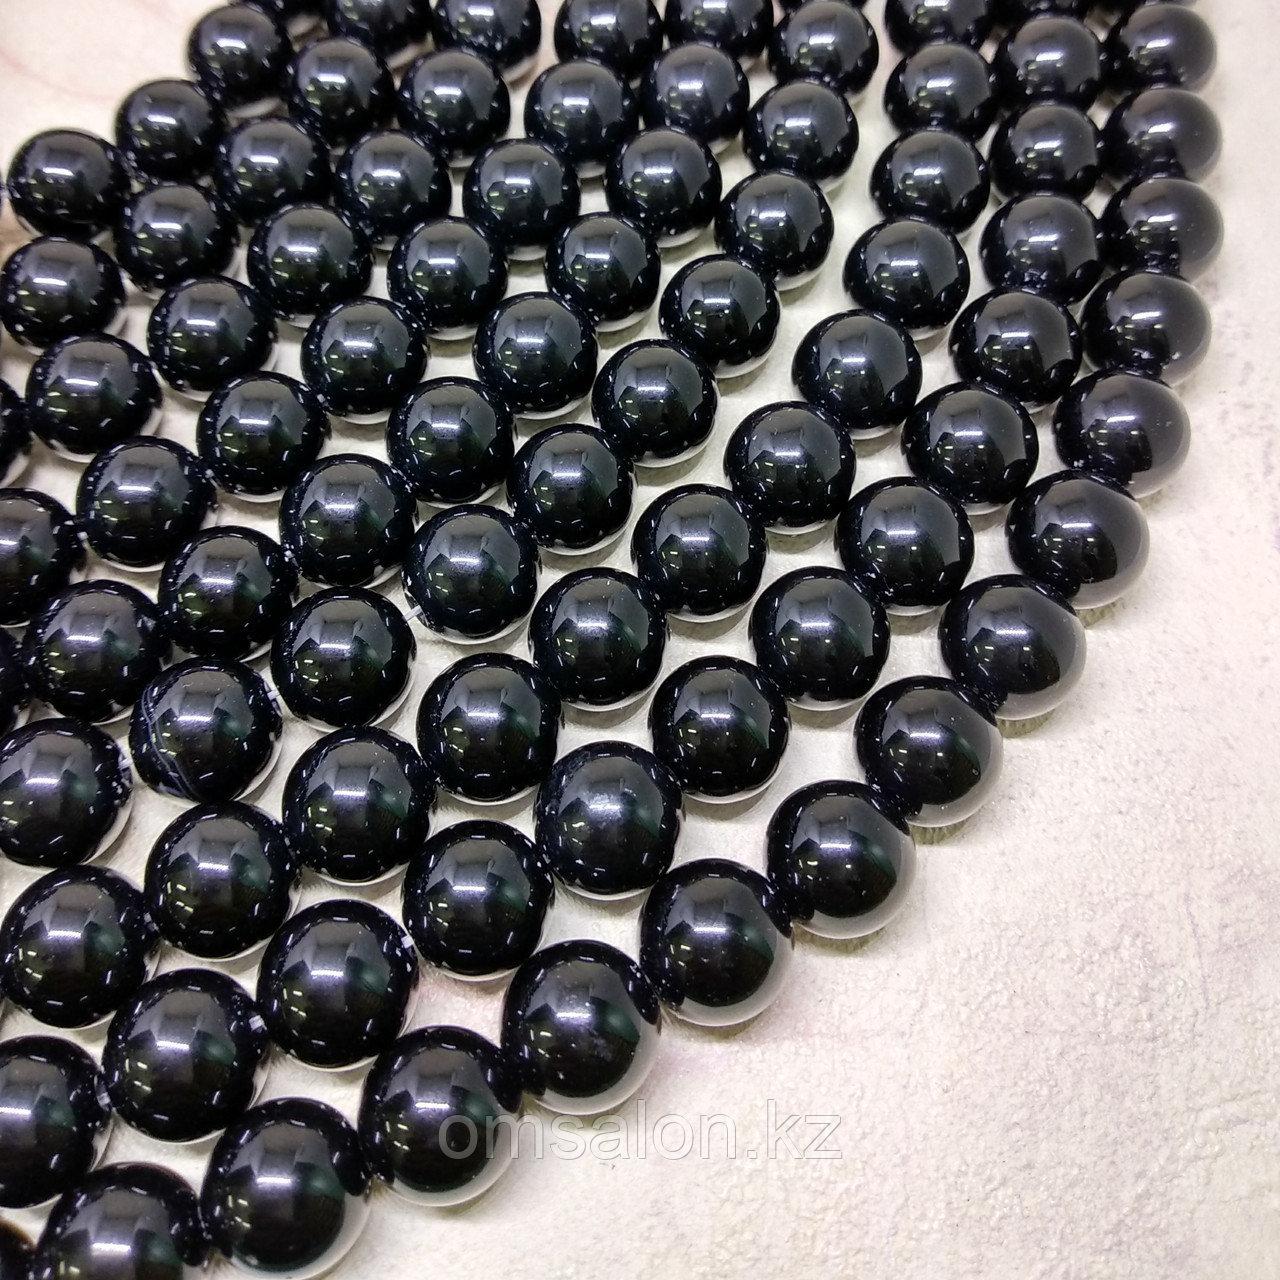 Оникс черный, 12мм